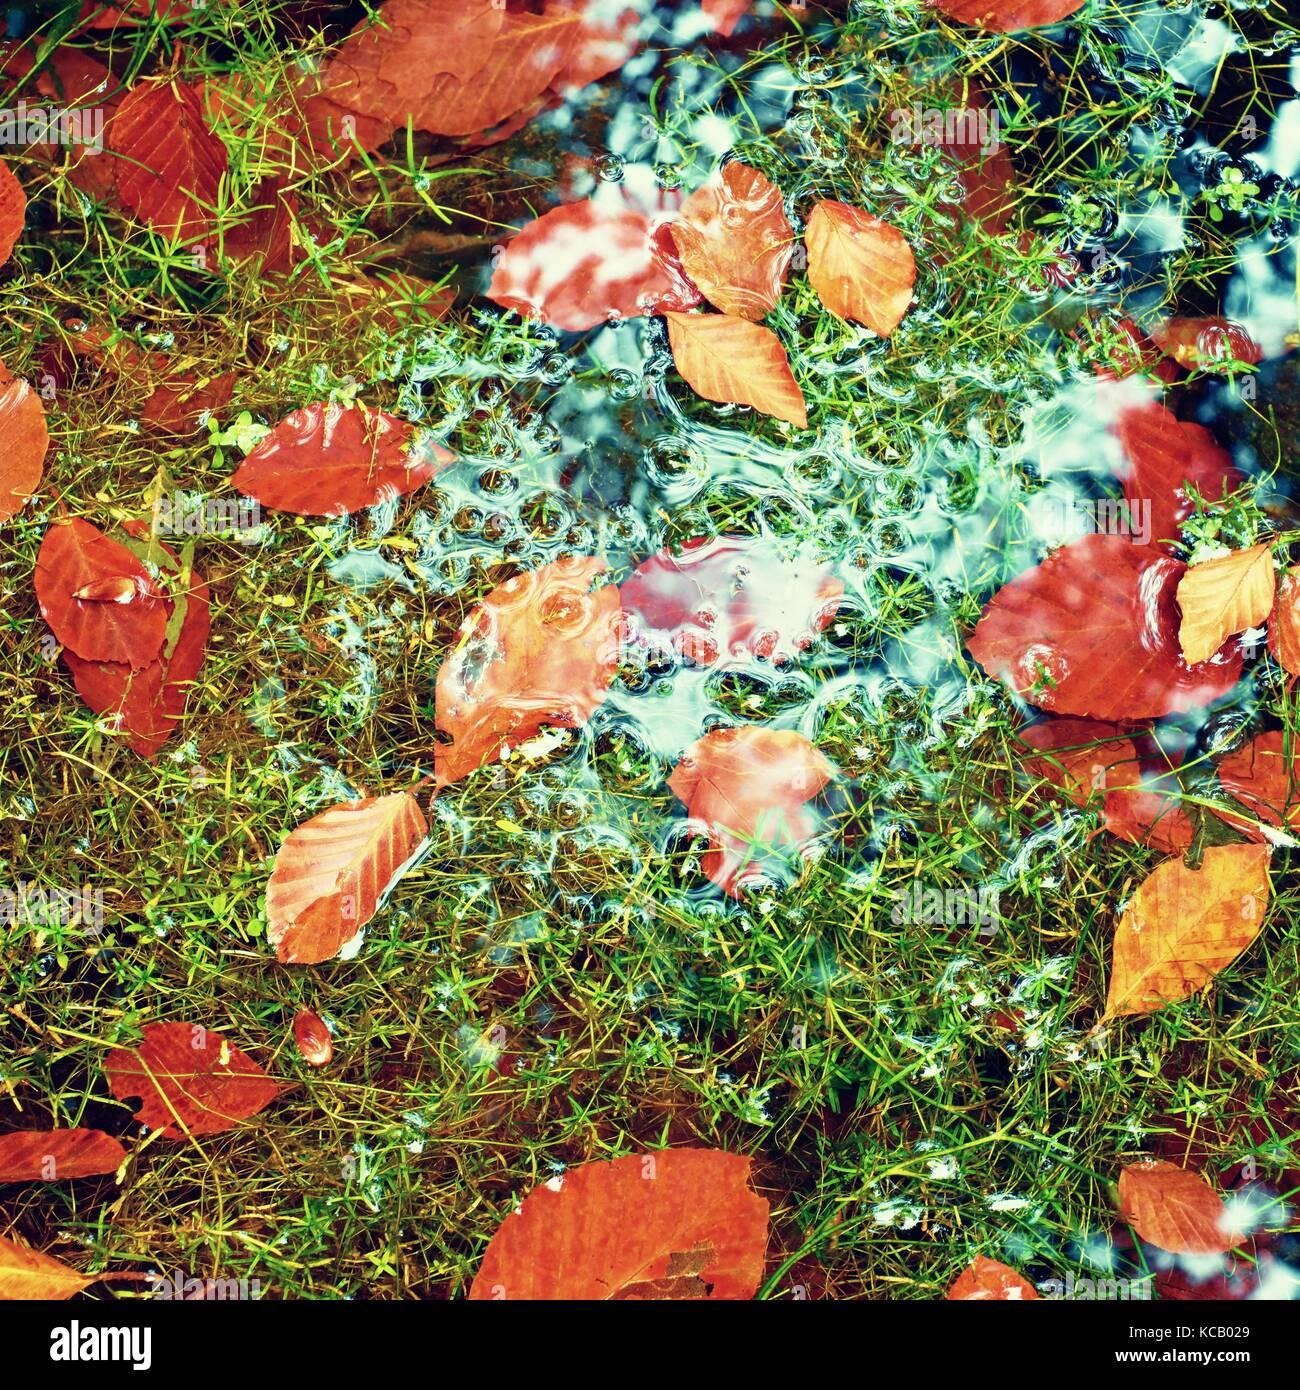 Le alghe con catturato caduta foglie sulla ghiaia di basalto specchiato in acqua di ruscello di montagna. brillanti Immagini Stock